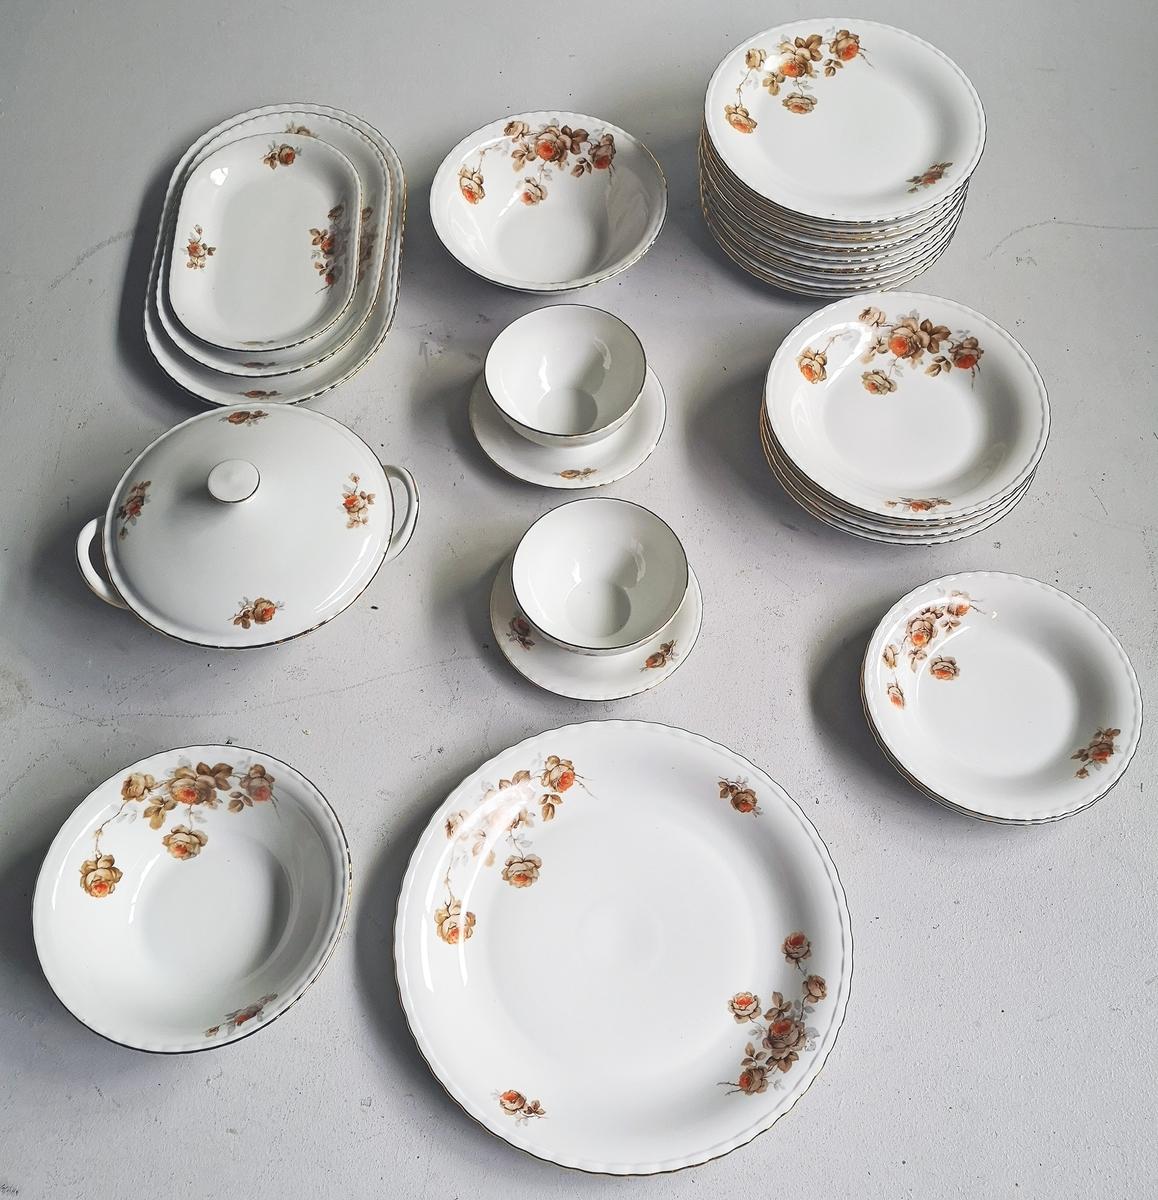 Middassservise - 12 middags tallerkenar - 12 suppe tallerkenar - 12 dessert skåler - 4 serveringsfat - 2 serevering skåler/ei med lok - 2 sause skåler - 1 saft/dessertsaus mugge  Bølgeforma kant med gull rand - Stilisert rose dekor.